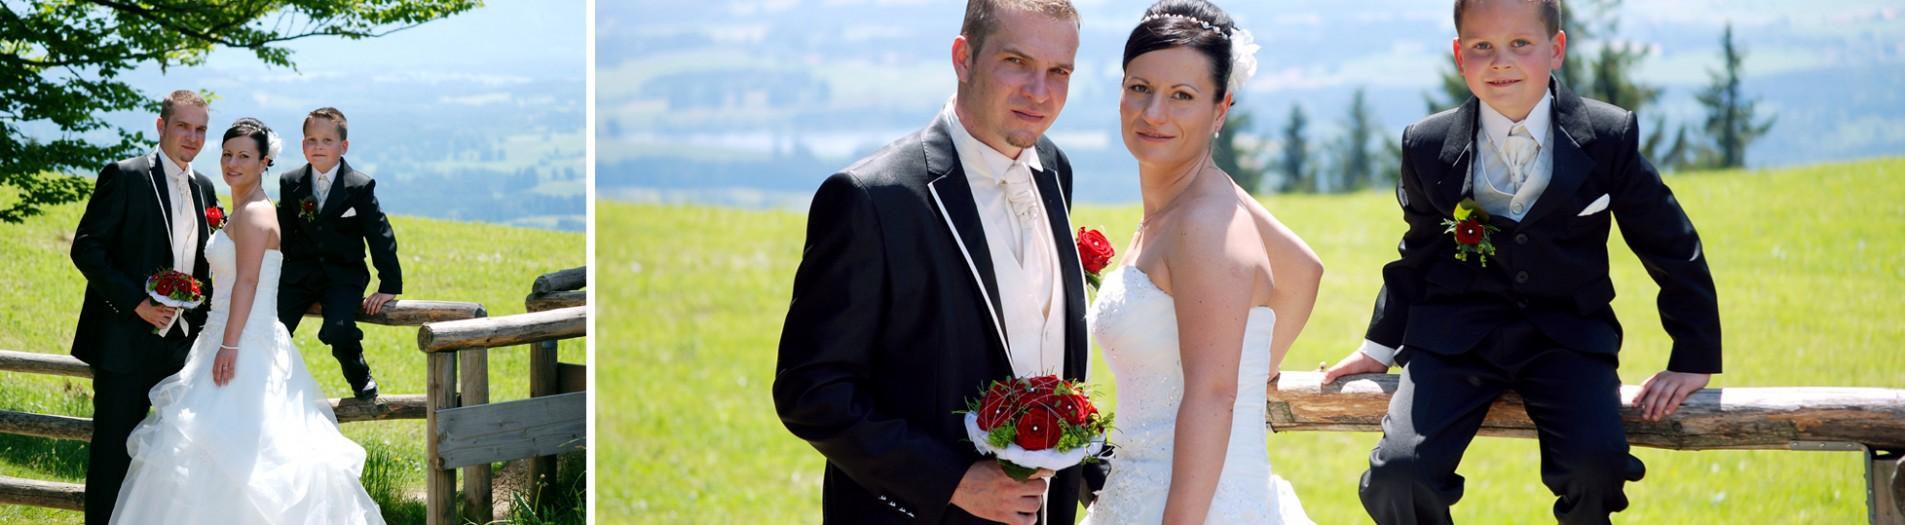 Eine ganz besondere Hochzeit, nicht nur für's Brautpaar